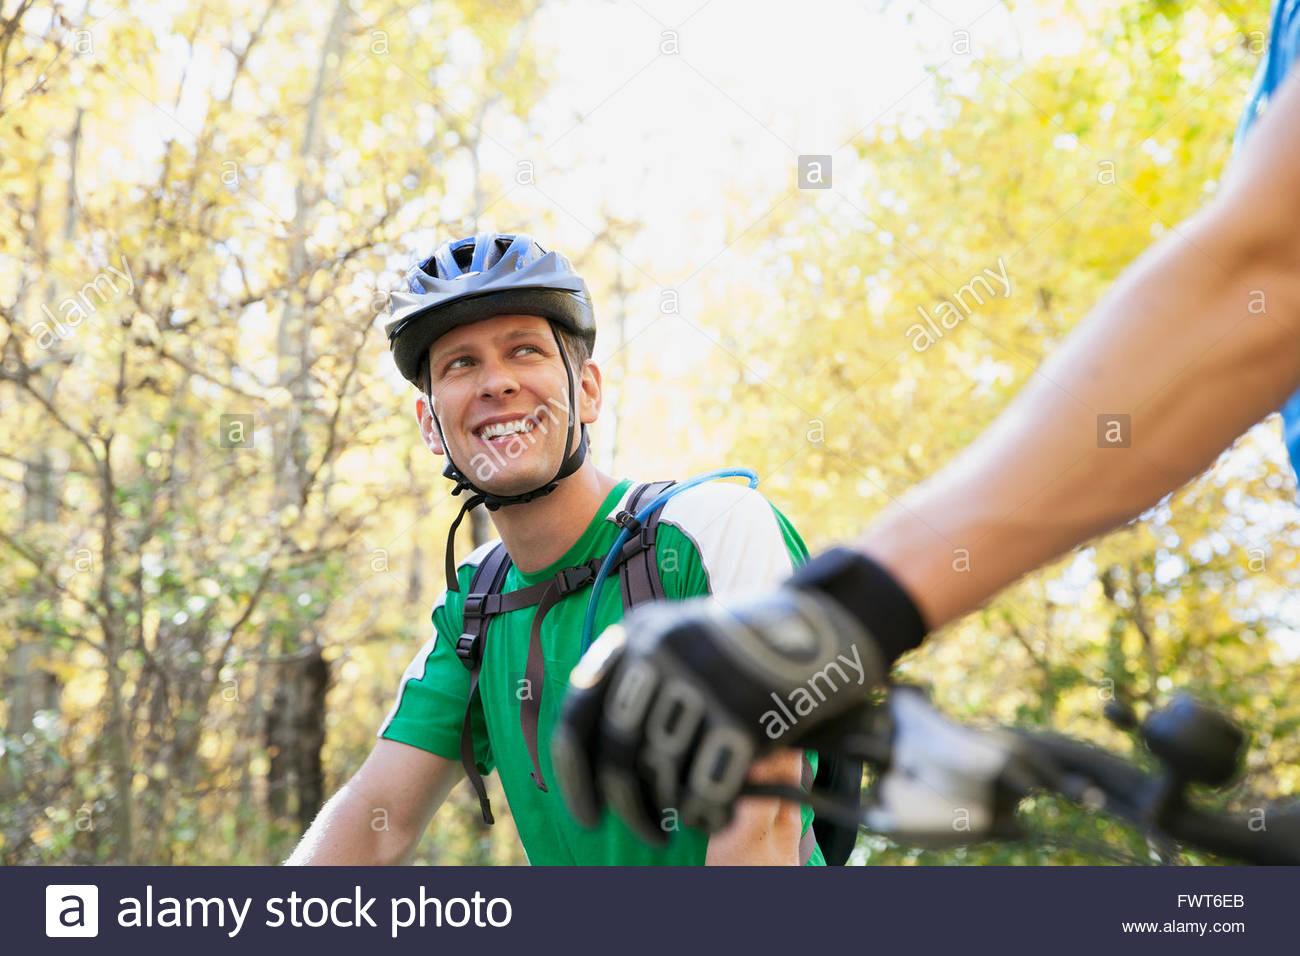 El hombre volviendo a mirar ciclismo partner. Imagen De Stock